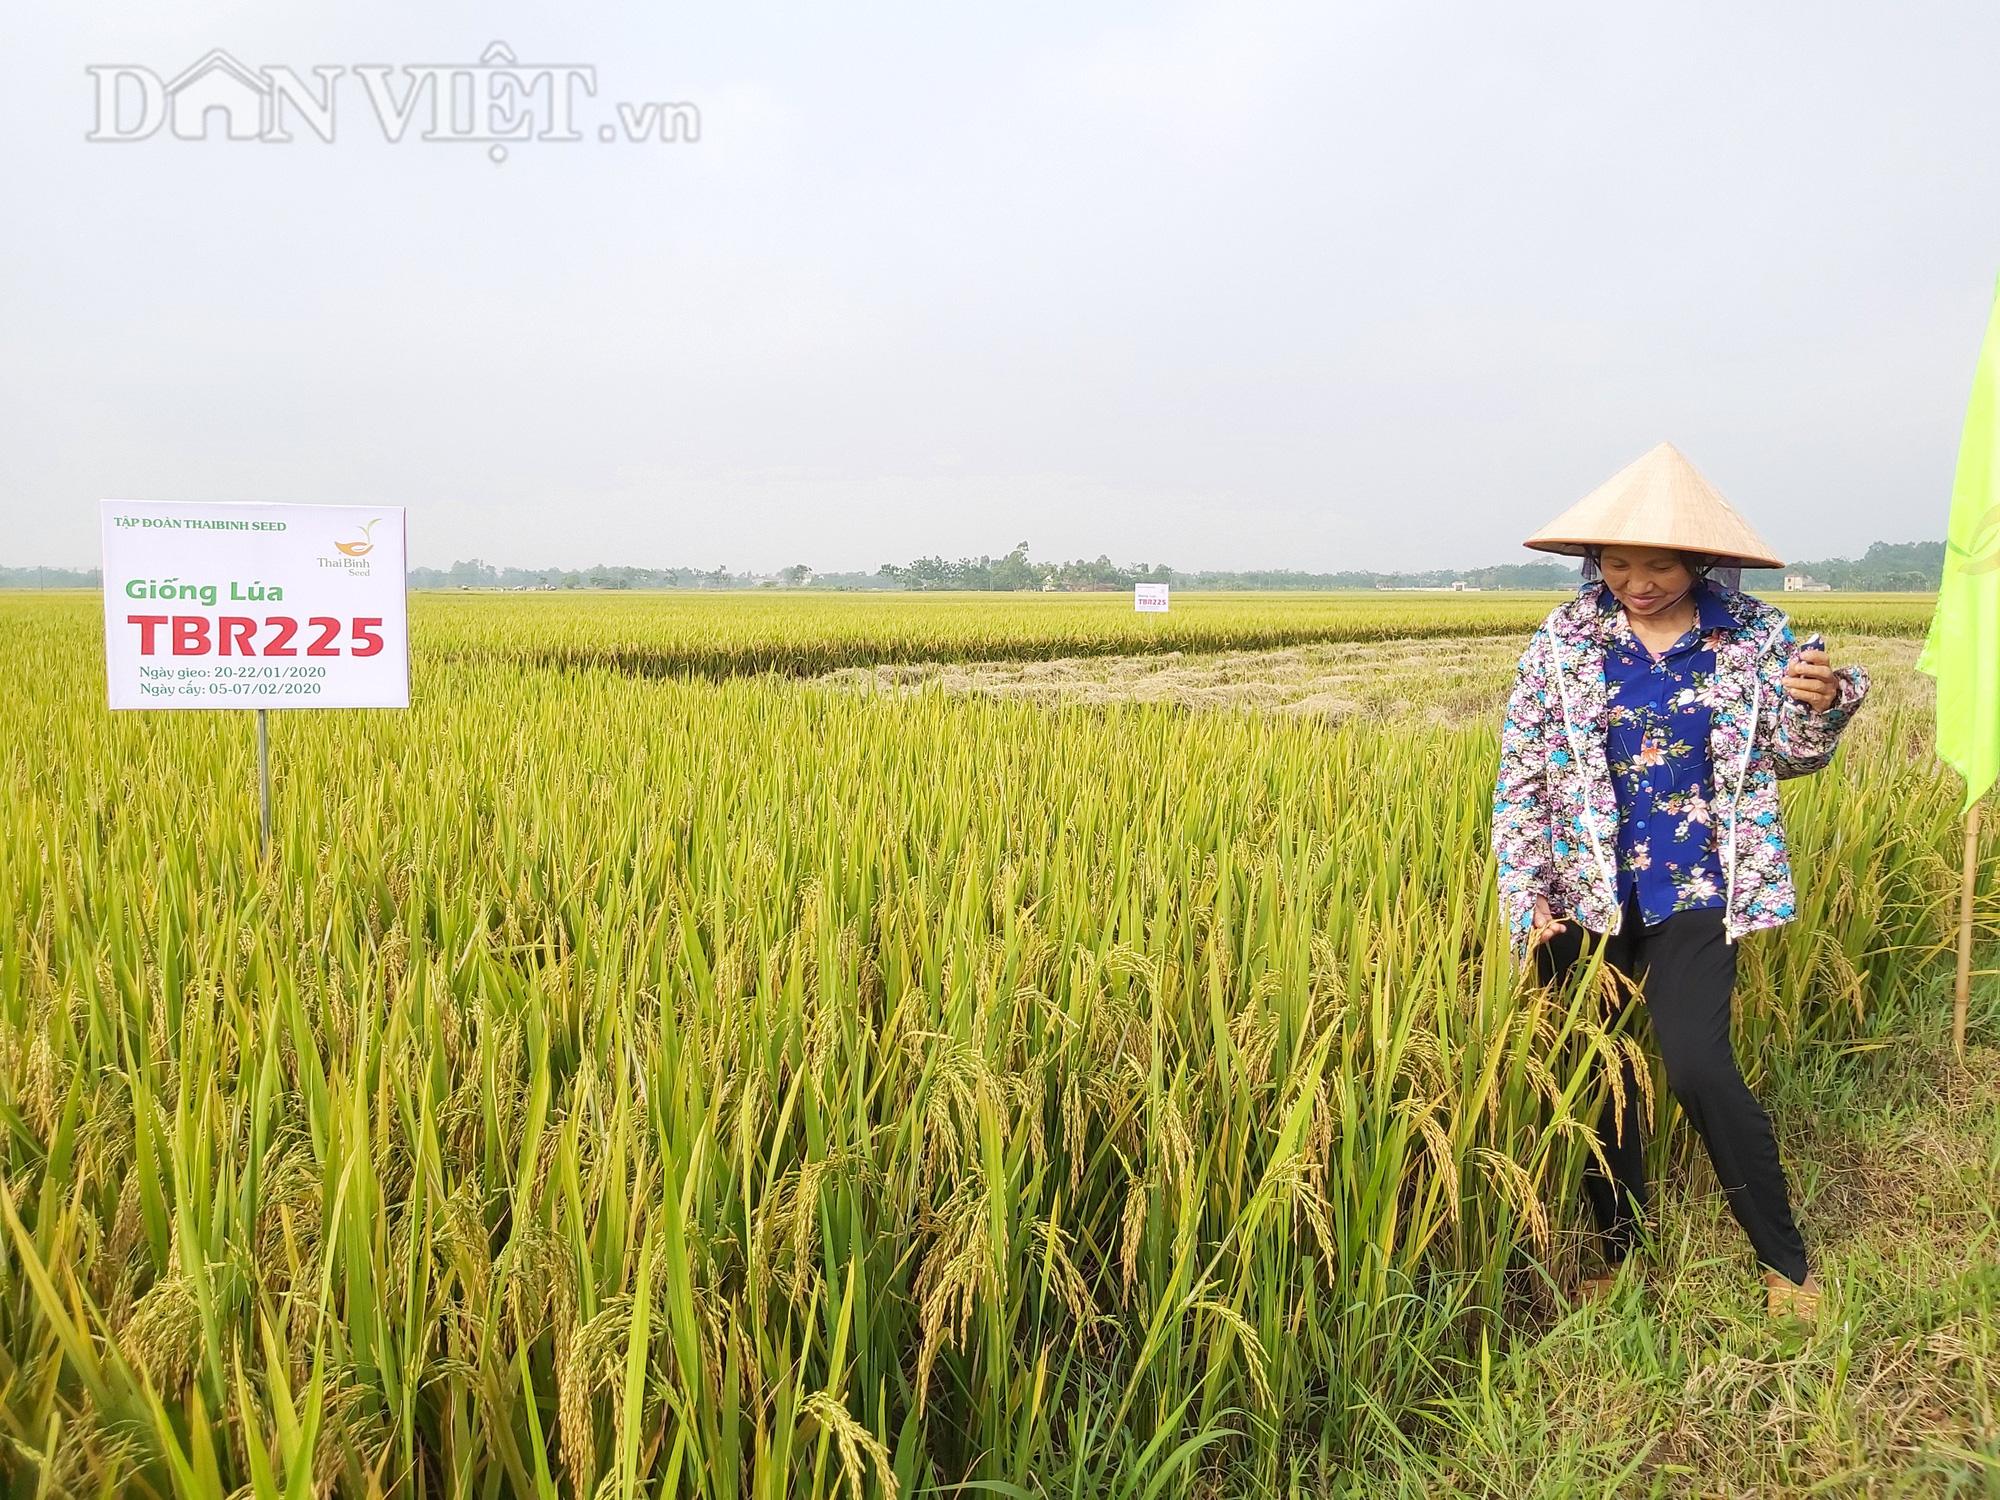 Gặp thời tiết bất thuận, lúa TBR225 vẫn cho mùa bội thu tại Vĩnh Phúc - Ảnh 6.